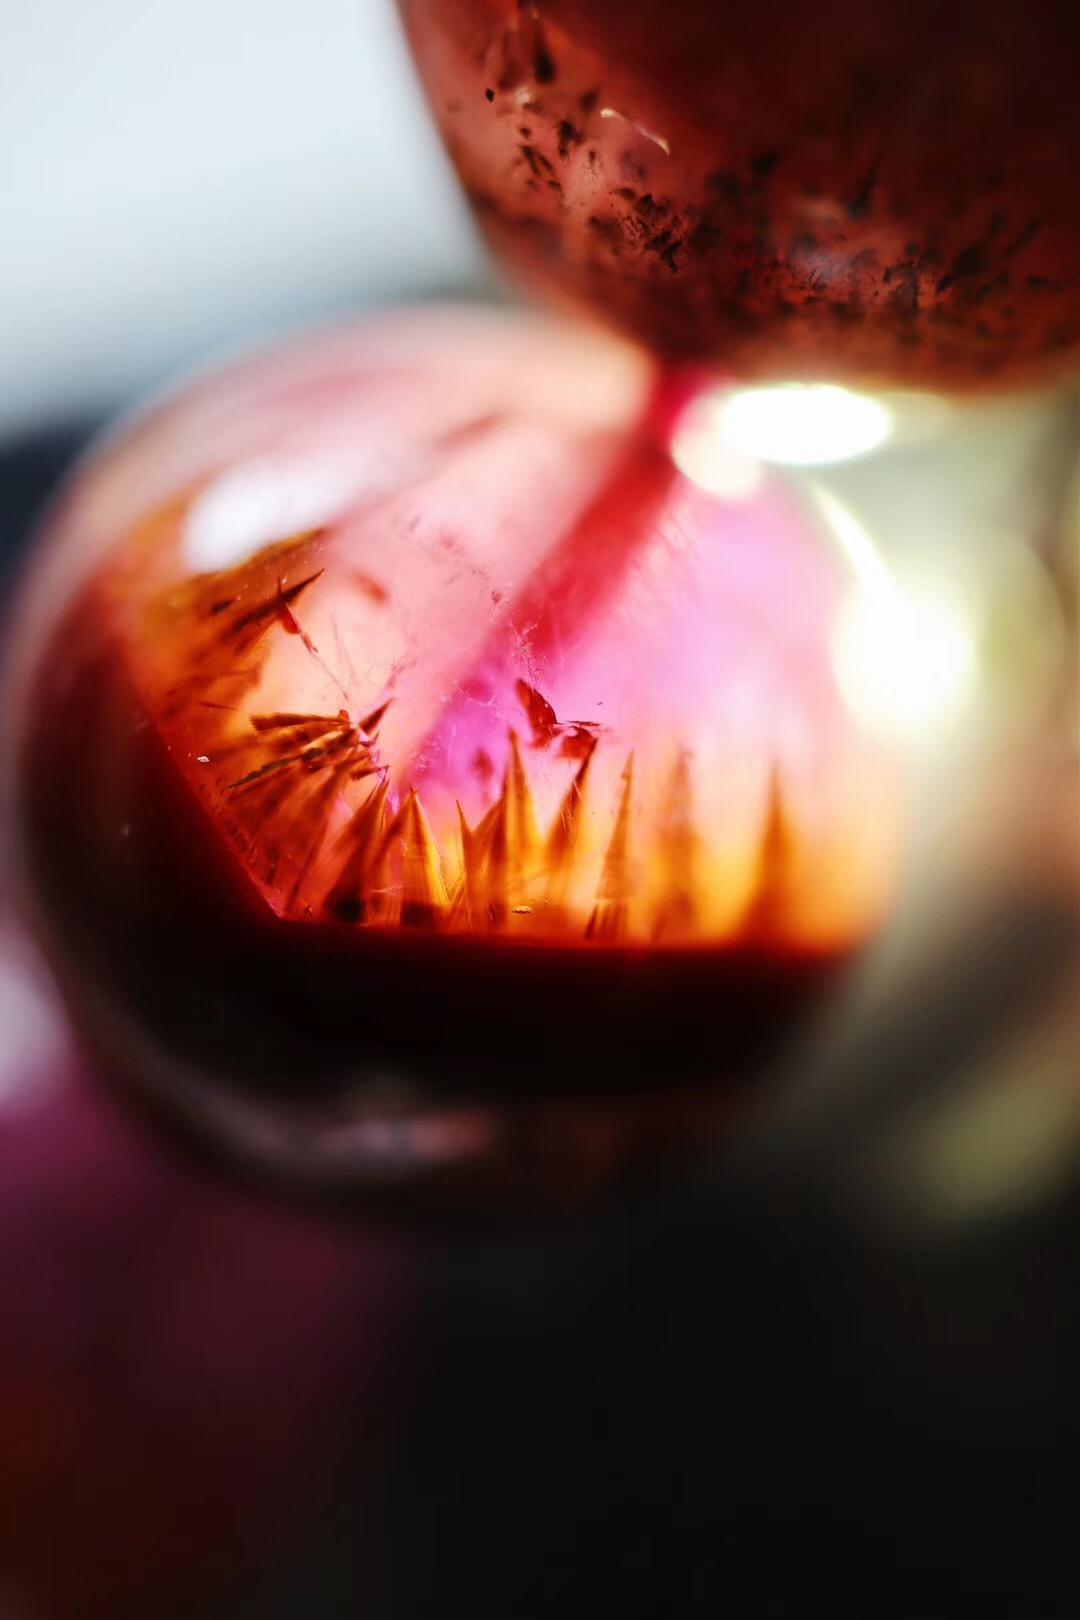 【菩心&Auralite-23】这是地球至今为止,最古老的地质水晶-菩心晶舍